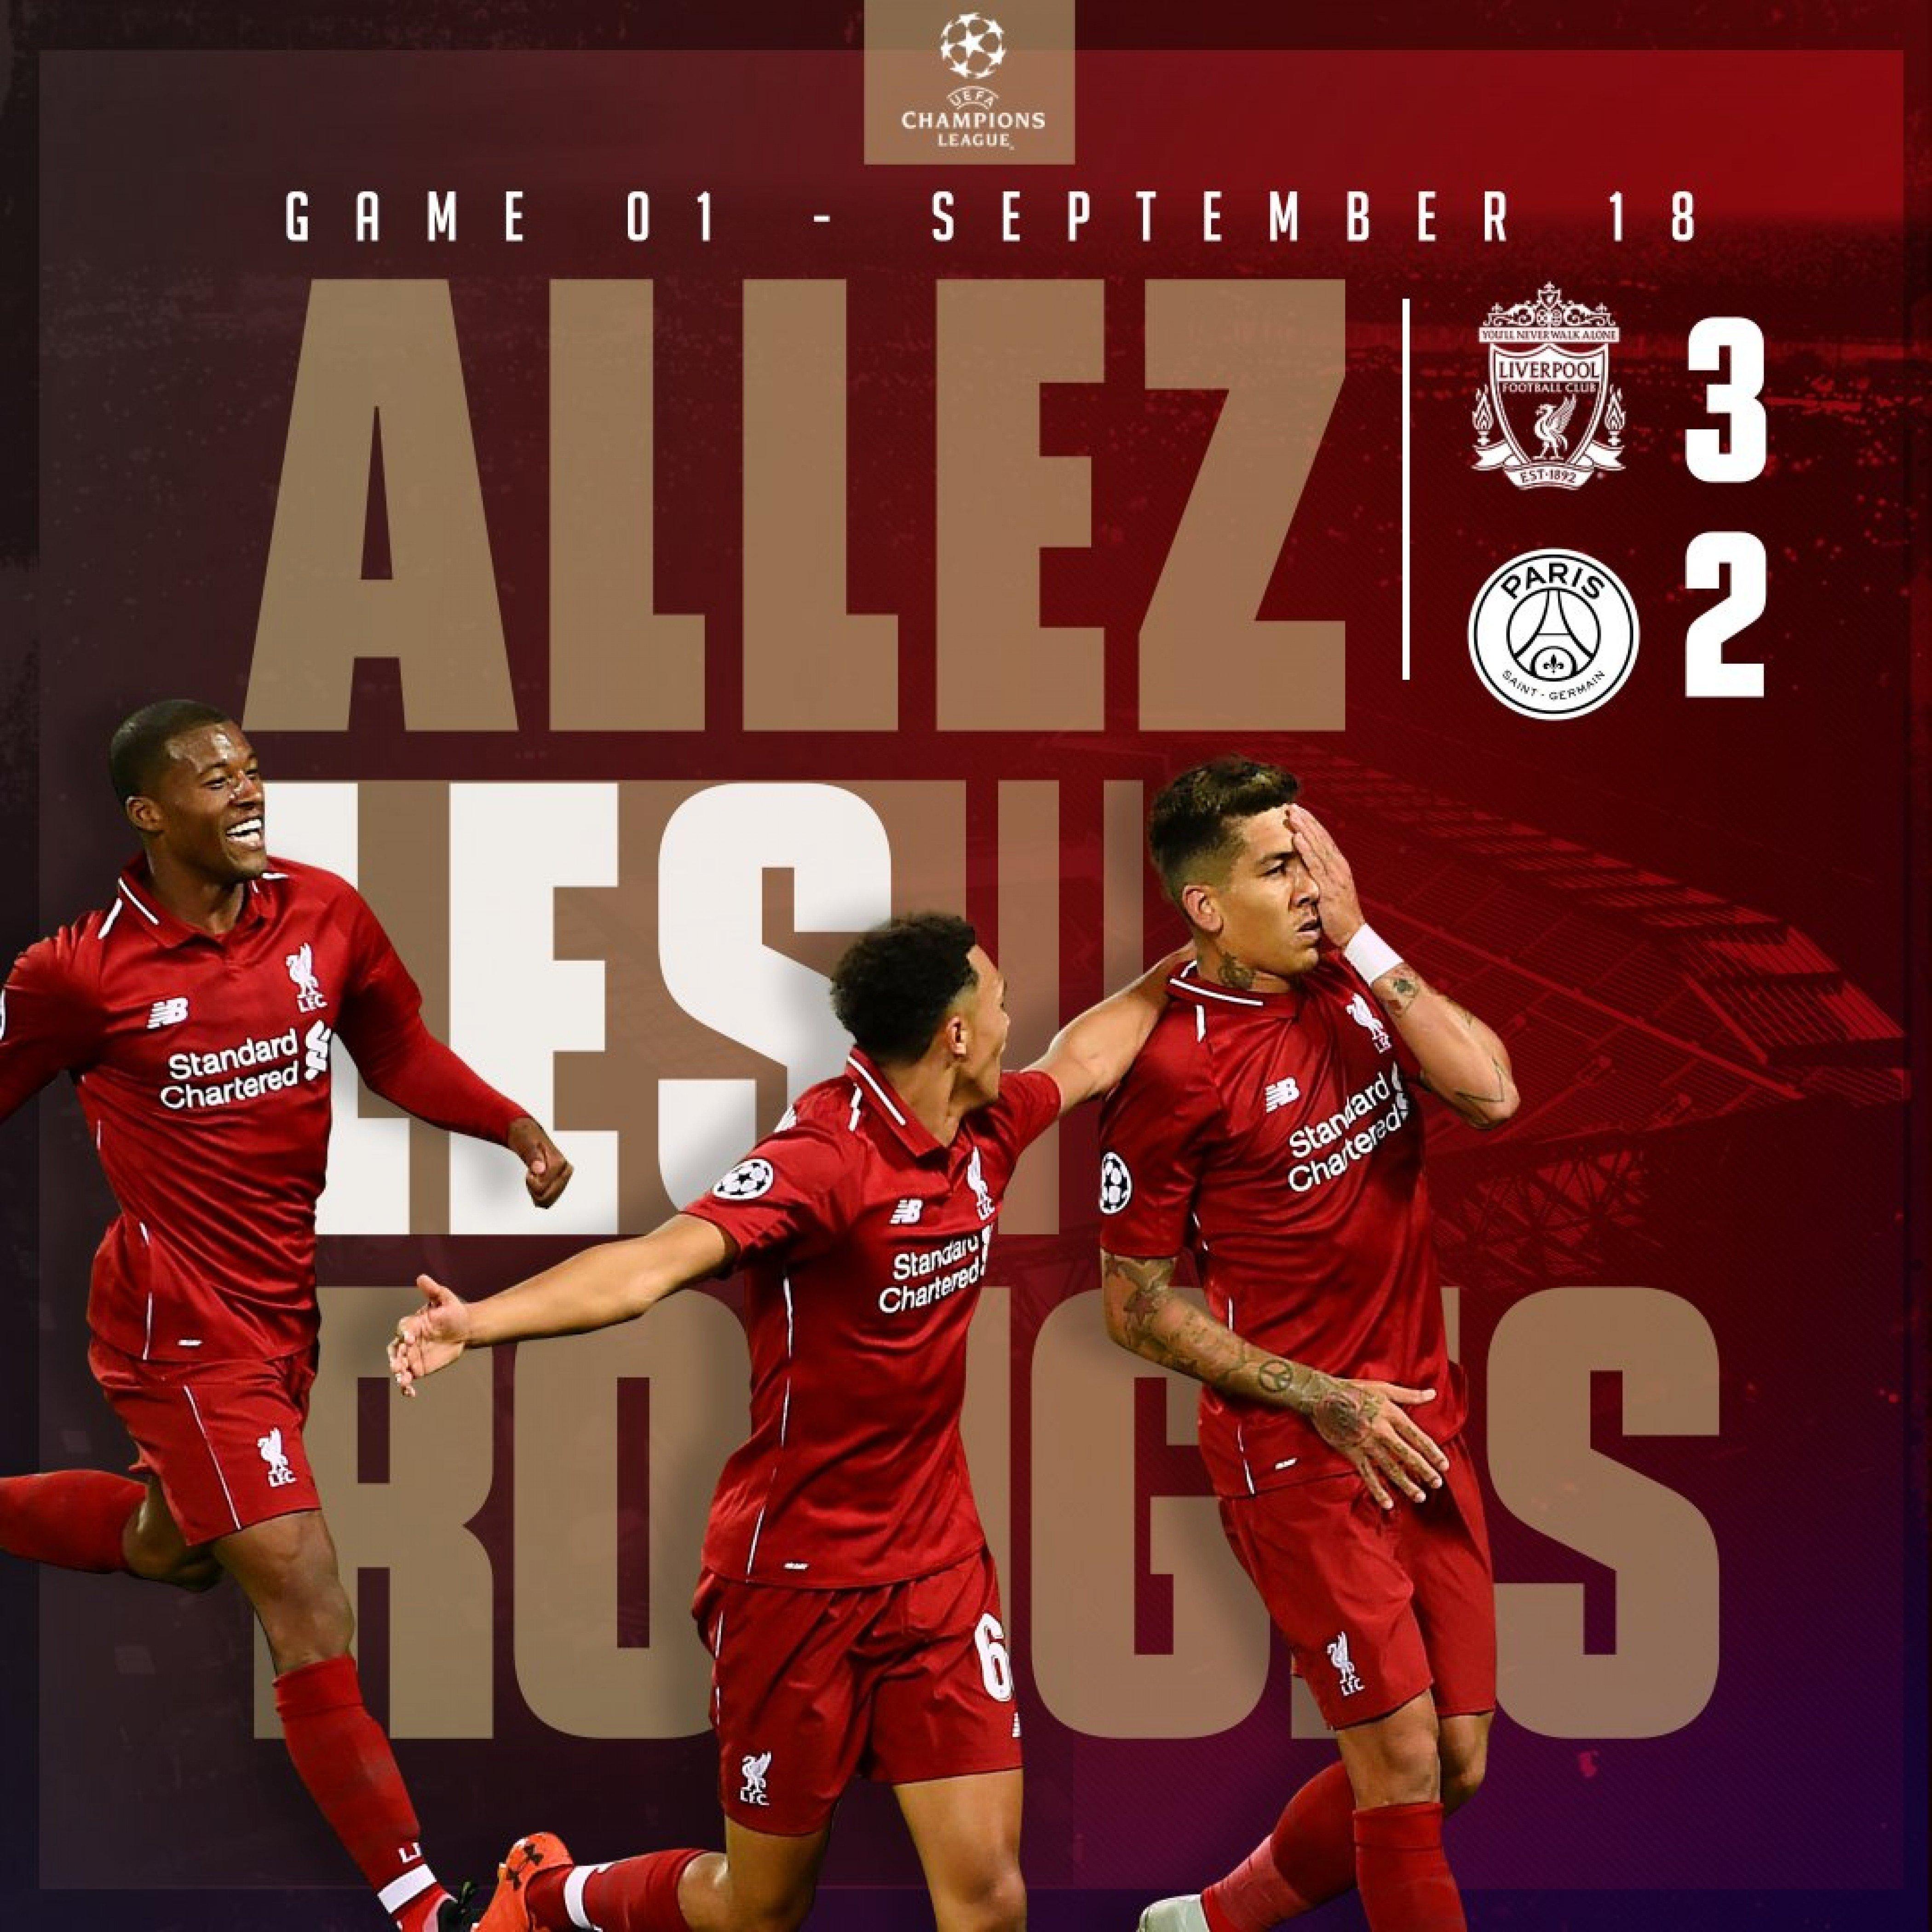 Liverpool, allez les rouge, vittoria fra paure e gioie